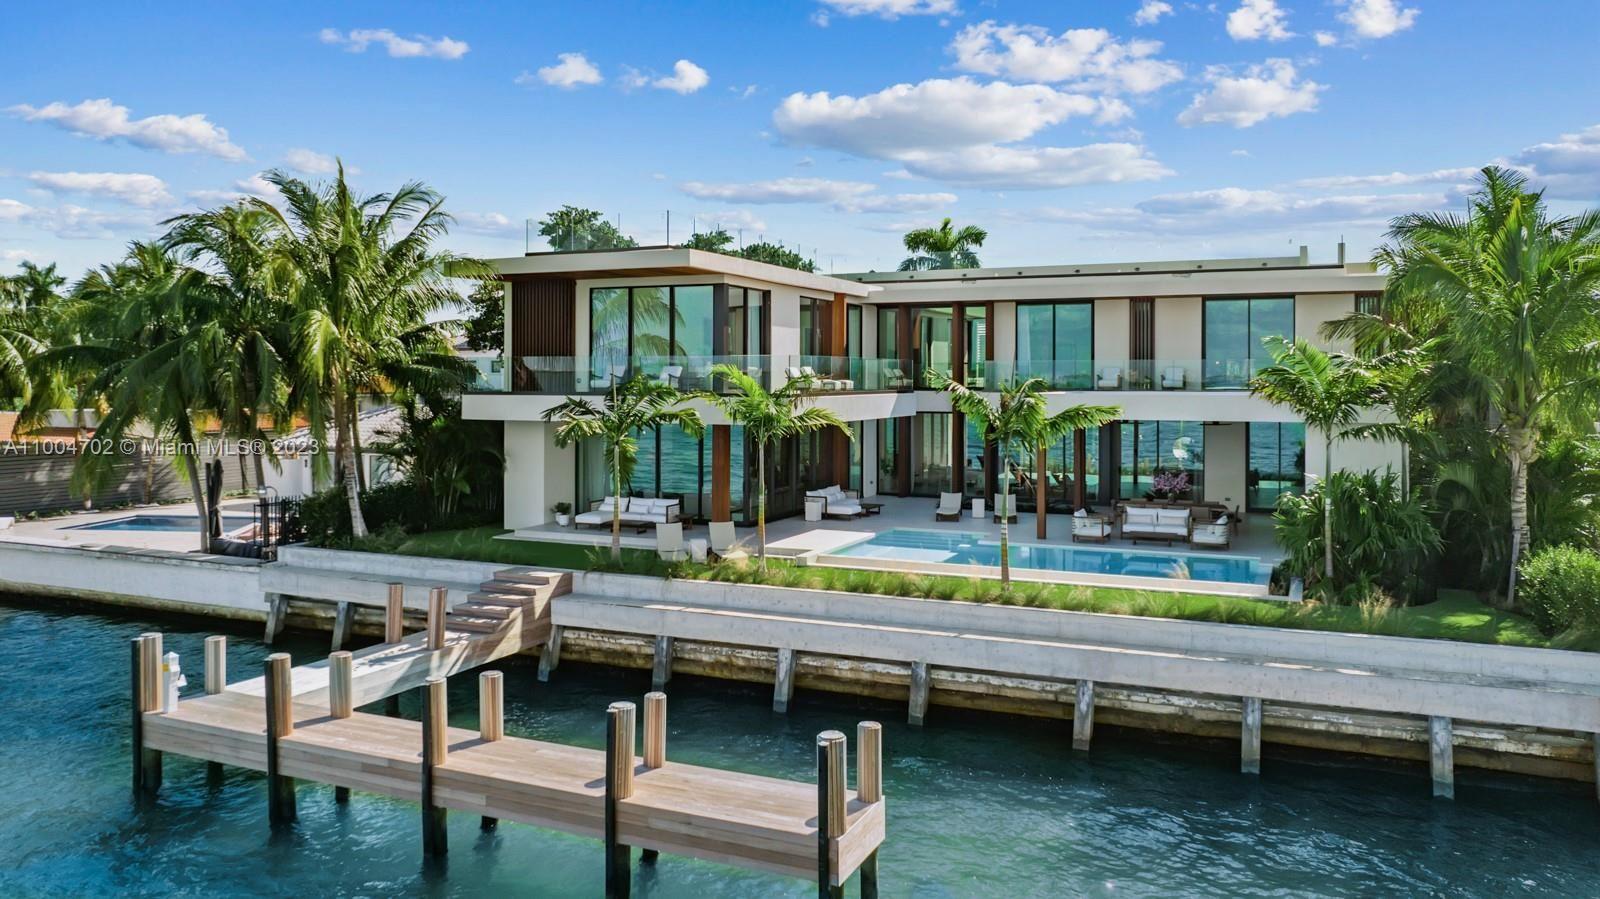 1061 N Venetian Dr, Miami, FL 33139 - #: A11004702